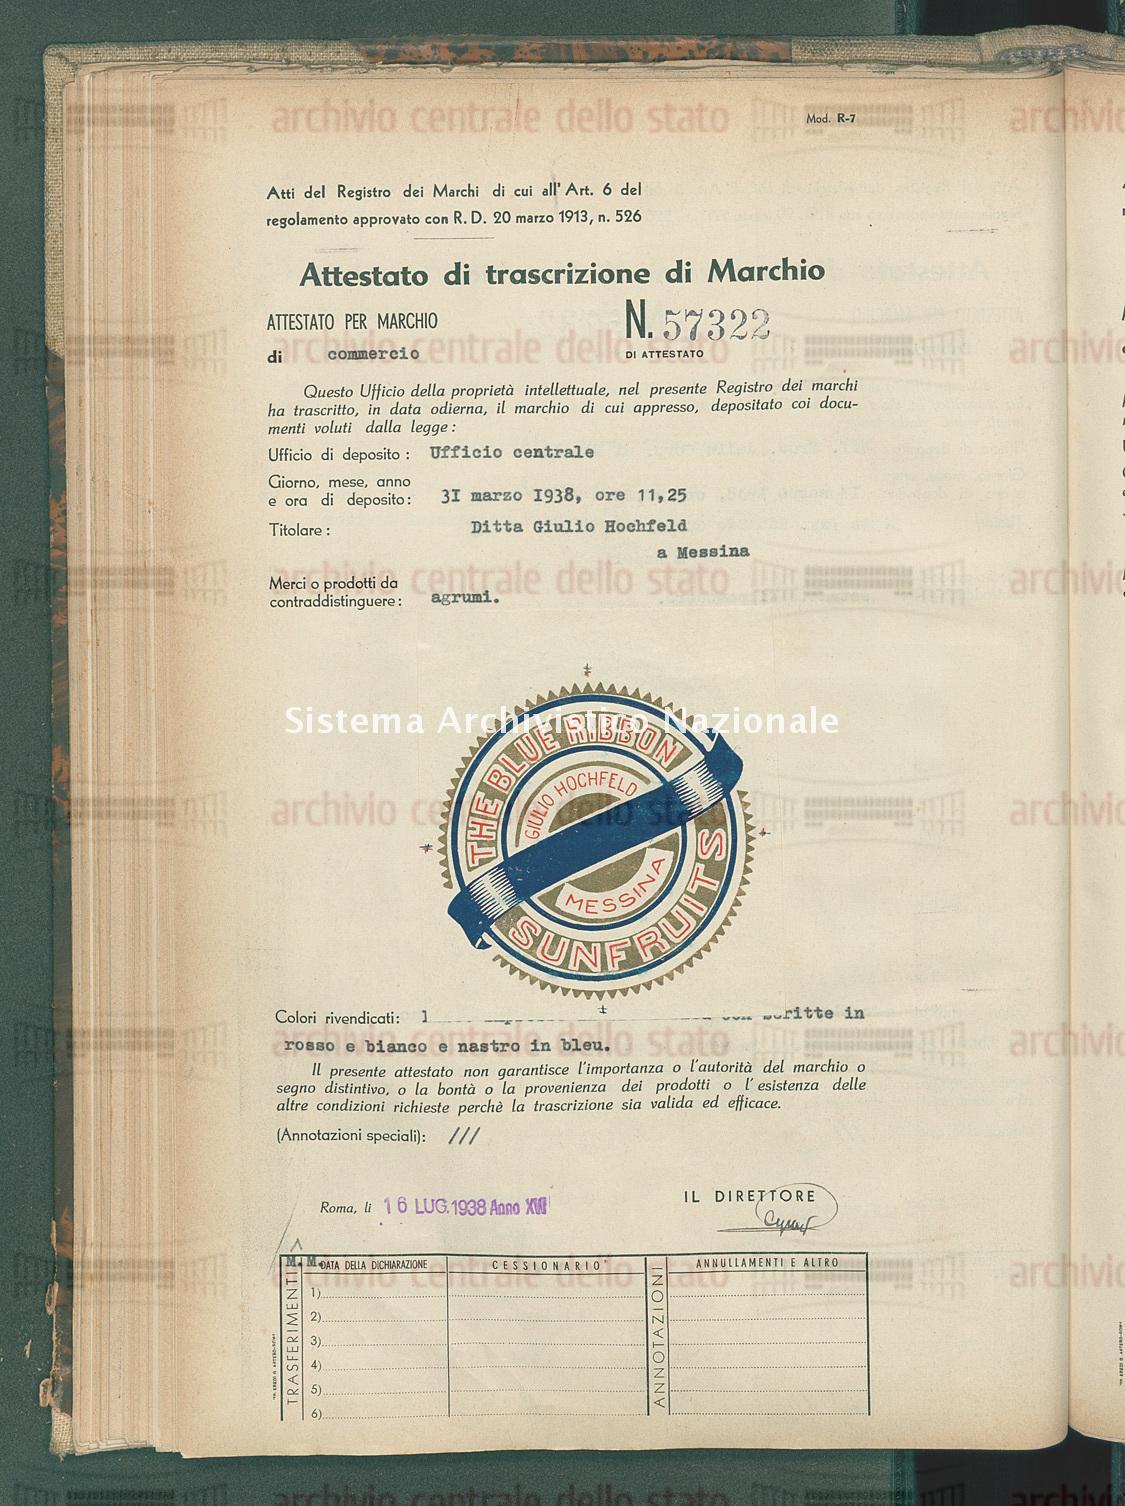 Agrumi Ditta Guido Hochfeld (16/07/1938)